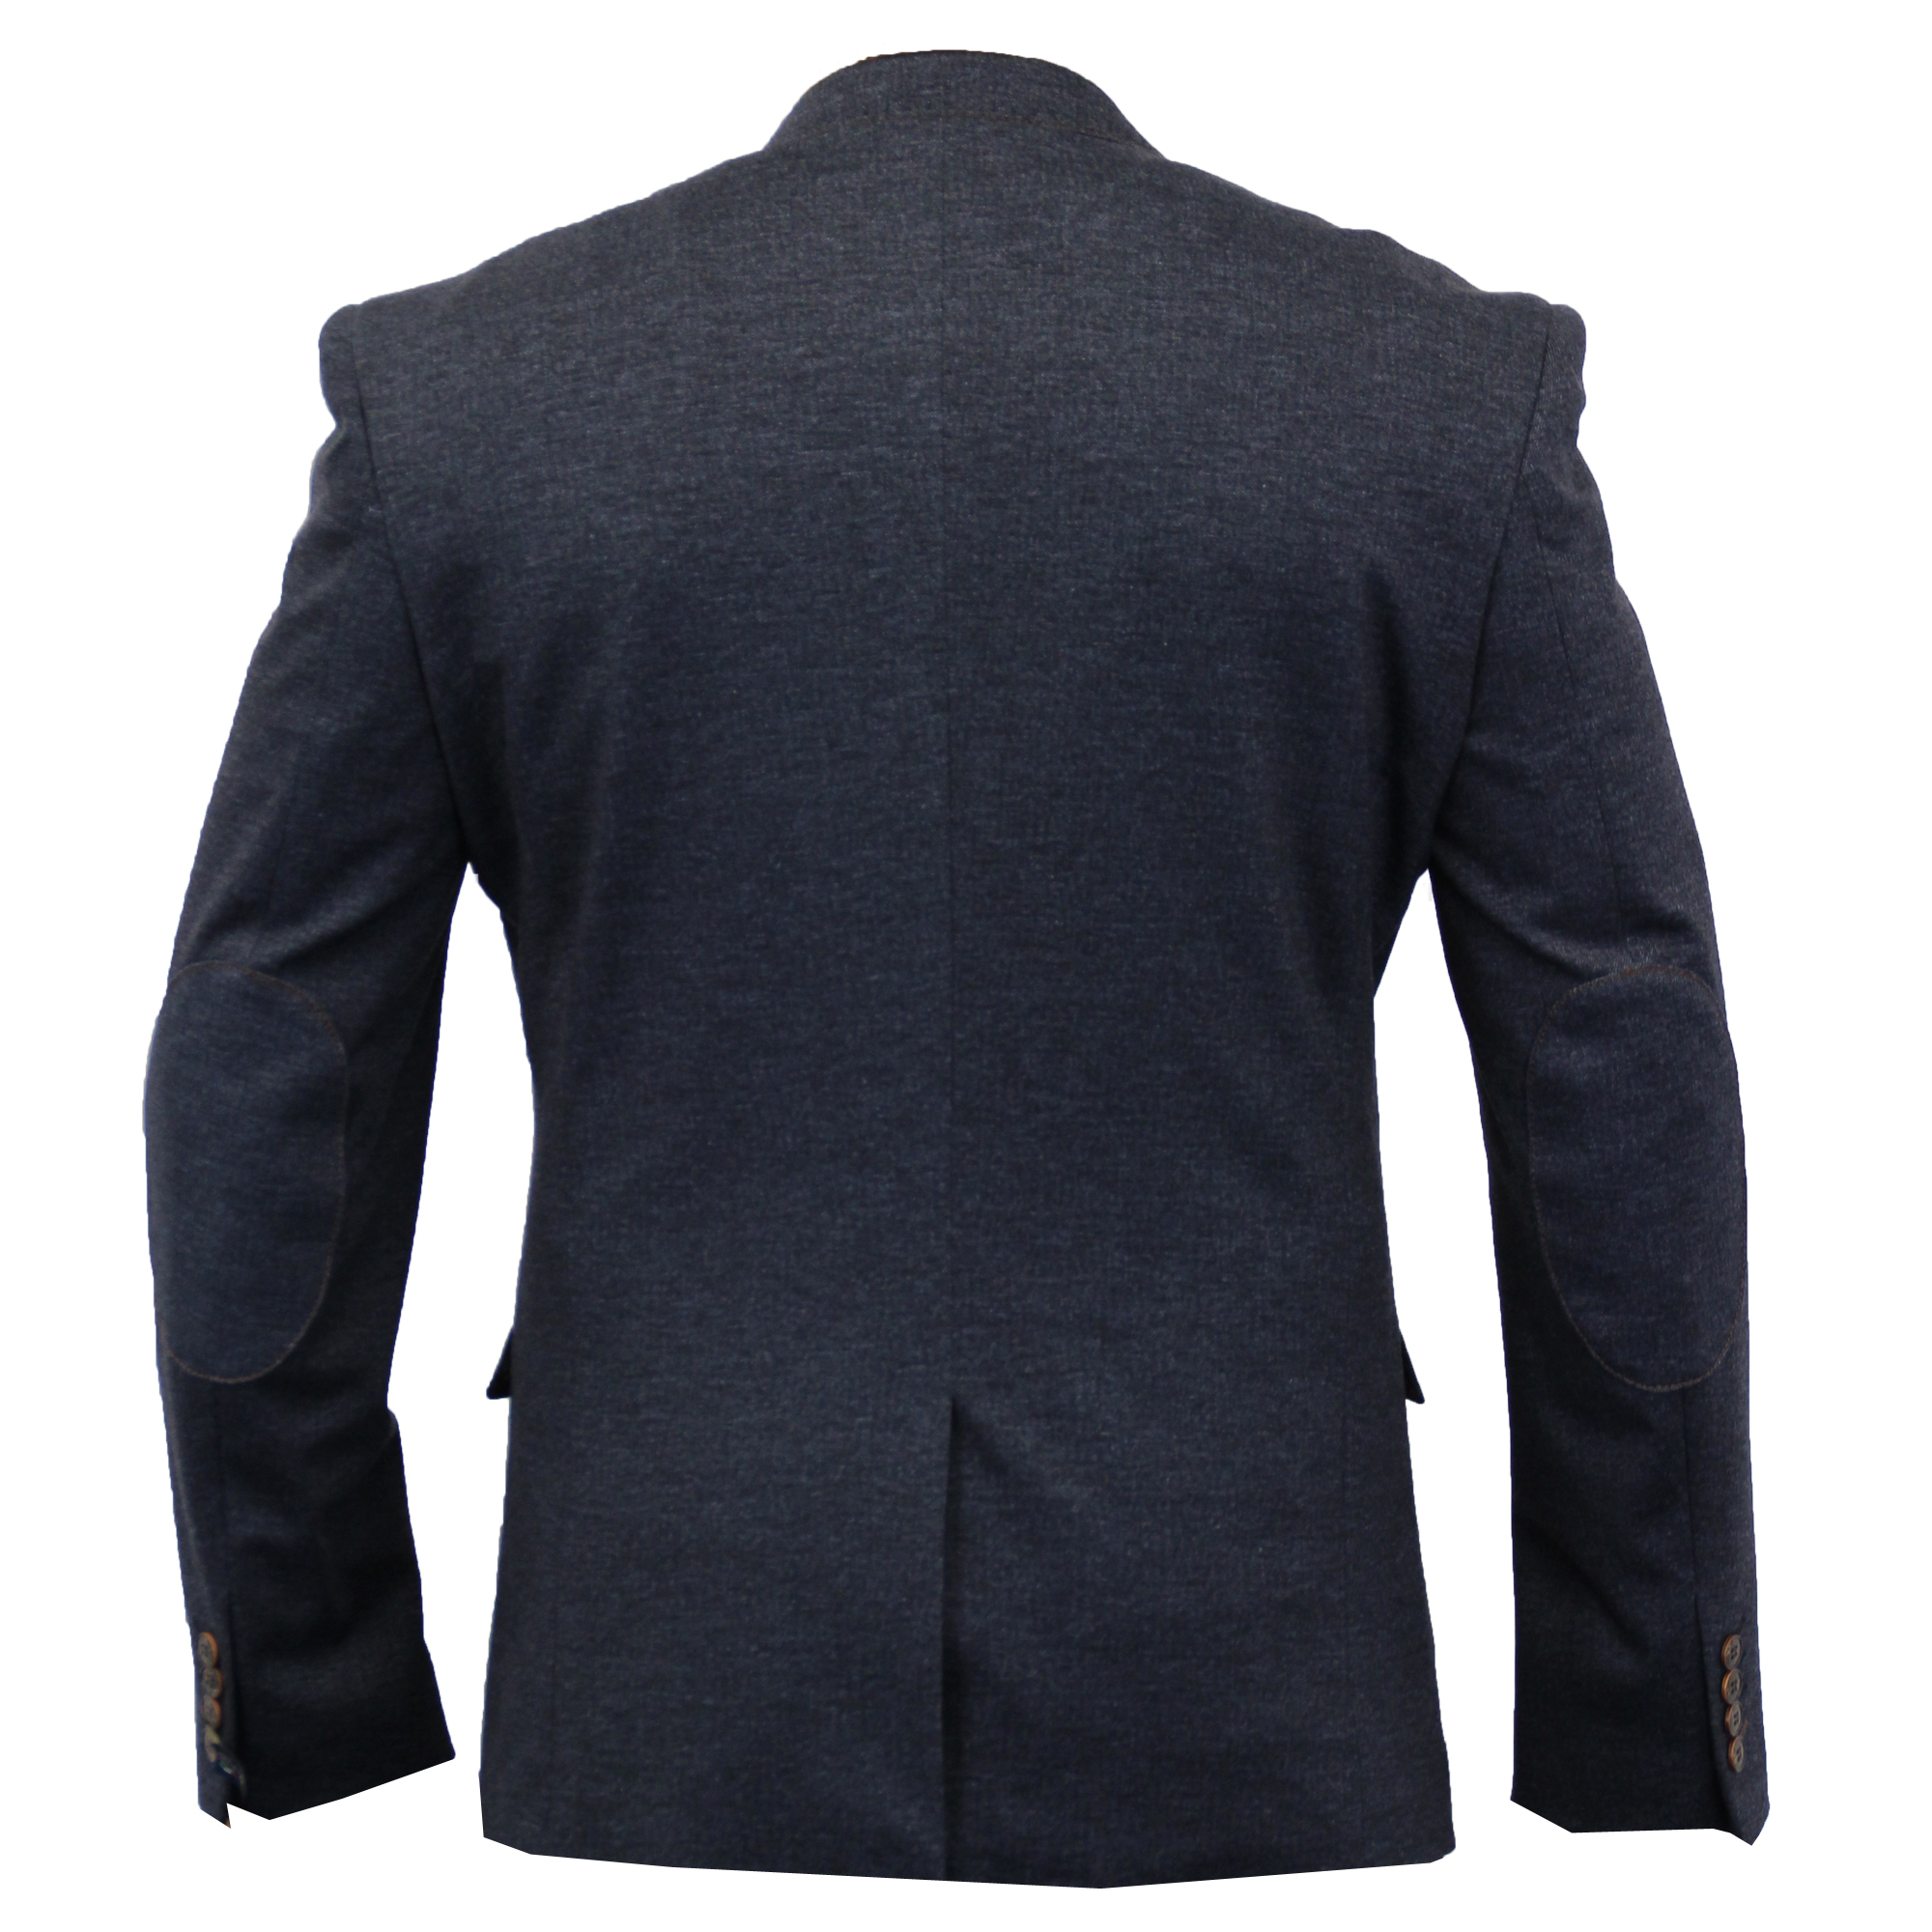 herren leinen enge passform jacke blazer von cavani. Black Bedroom Furniture Sets. Home Design Ideas